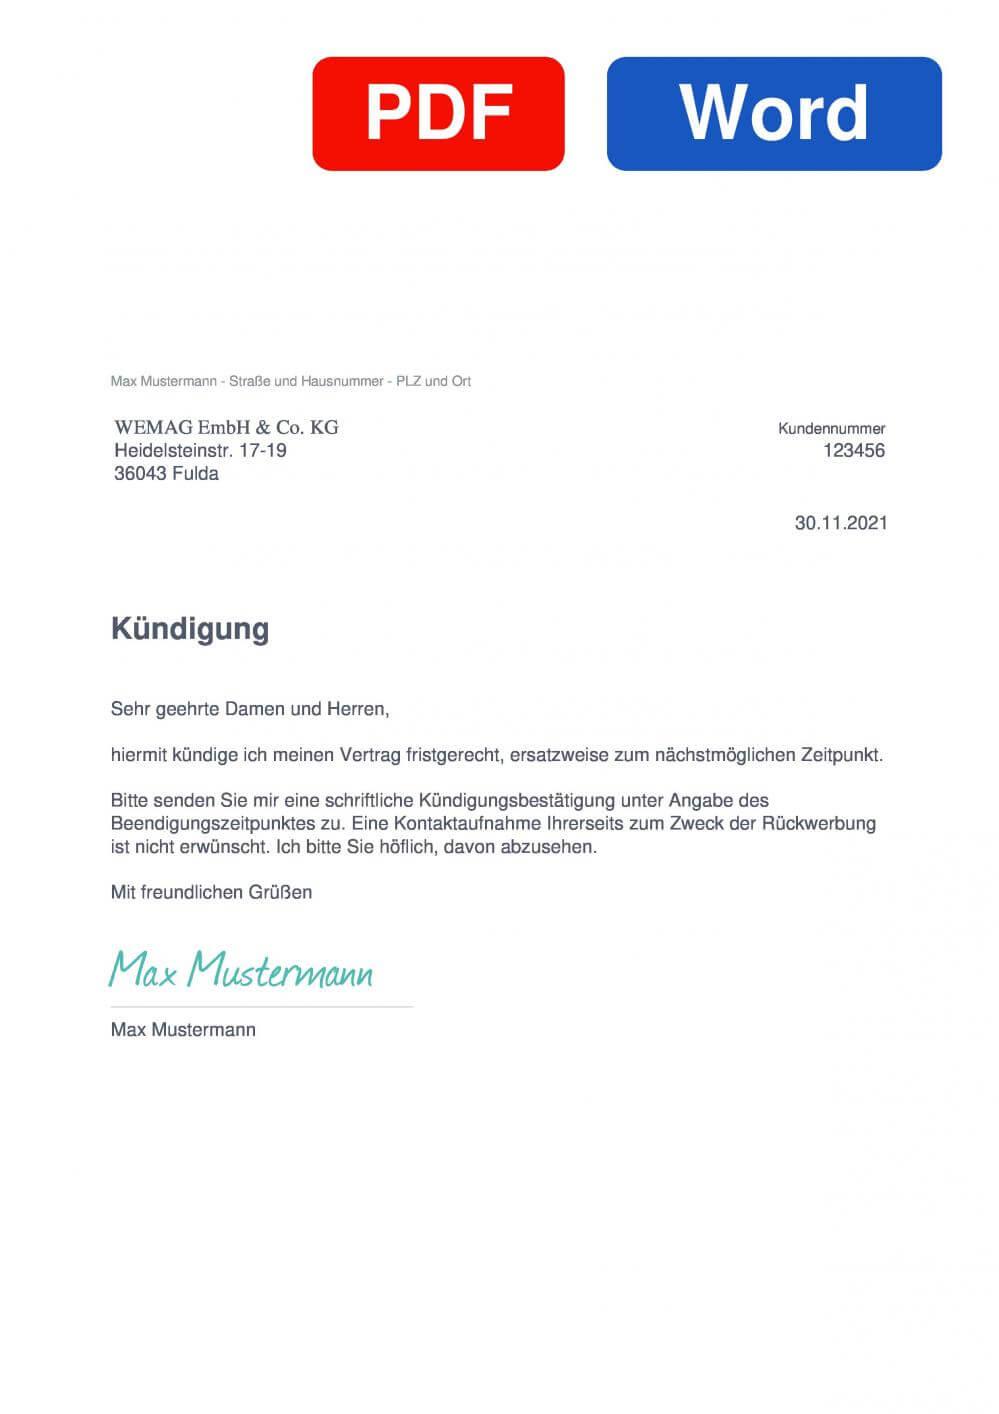 WEMAG Muster Vorlage für Kündigungsschreiben